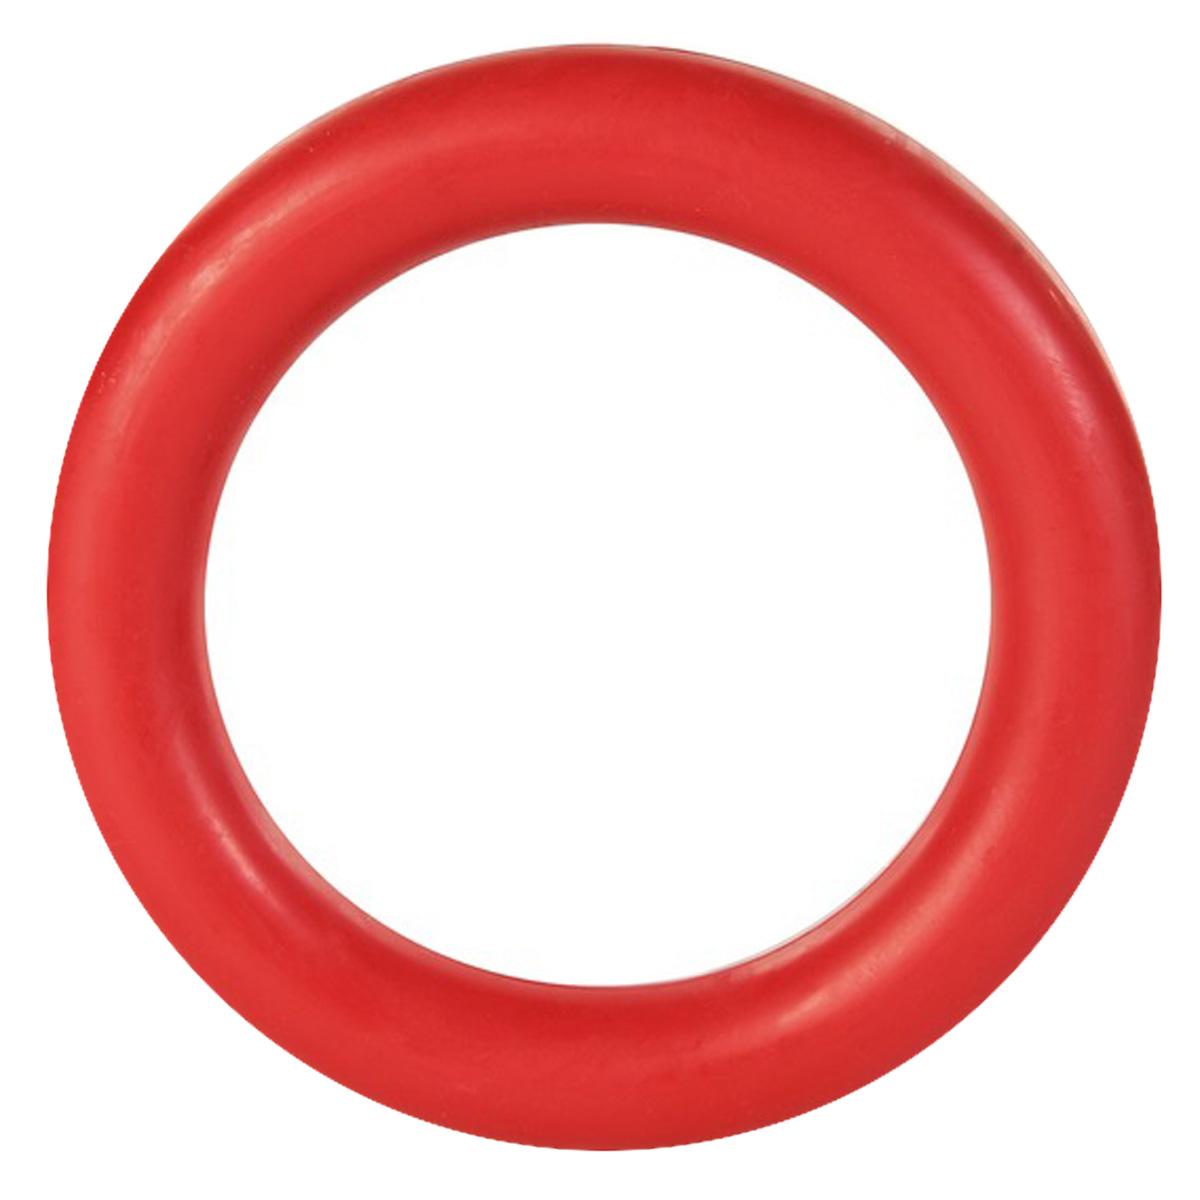 Игрушка для собак Trixie Кольцо каучук 15 см (1 шт)